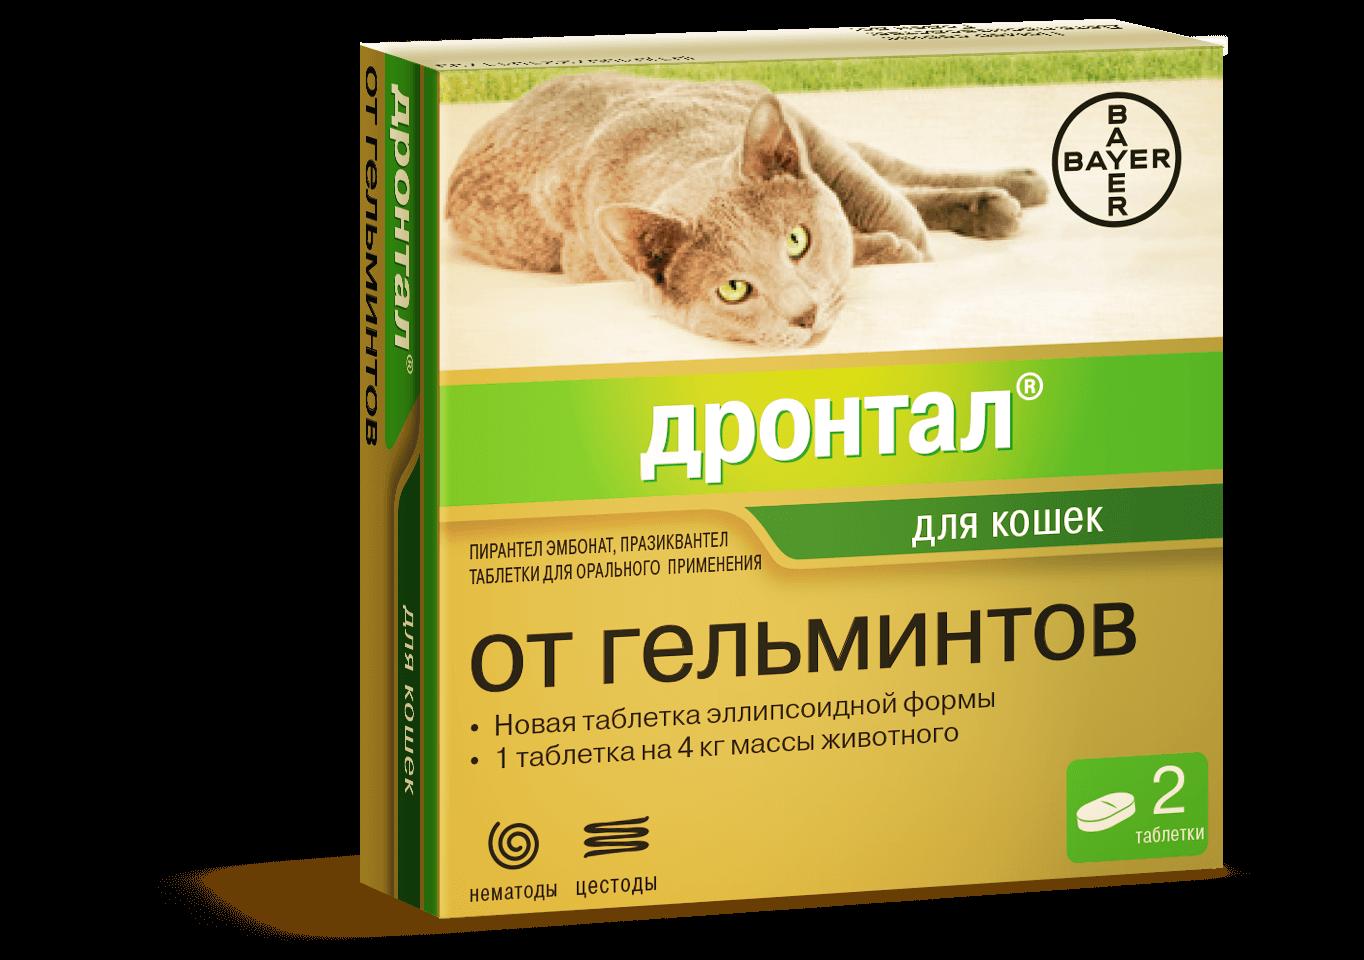 Как правильно дать коту таблетку от глистов